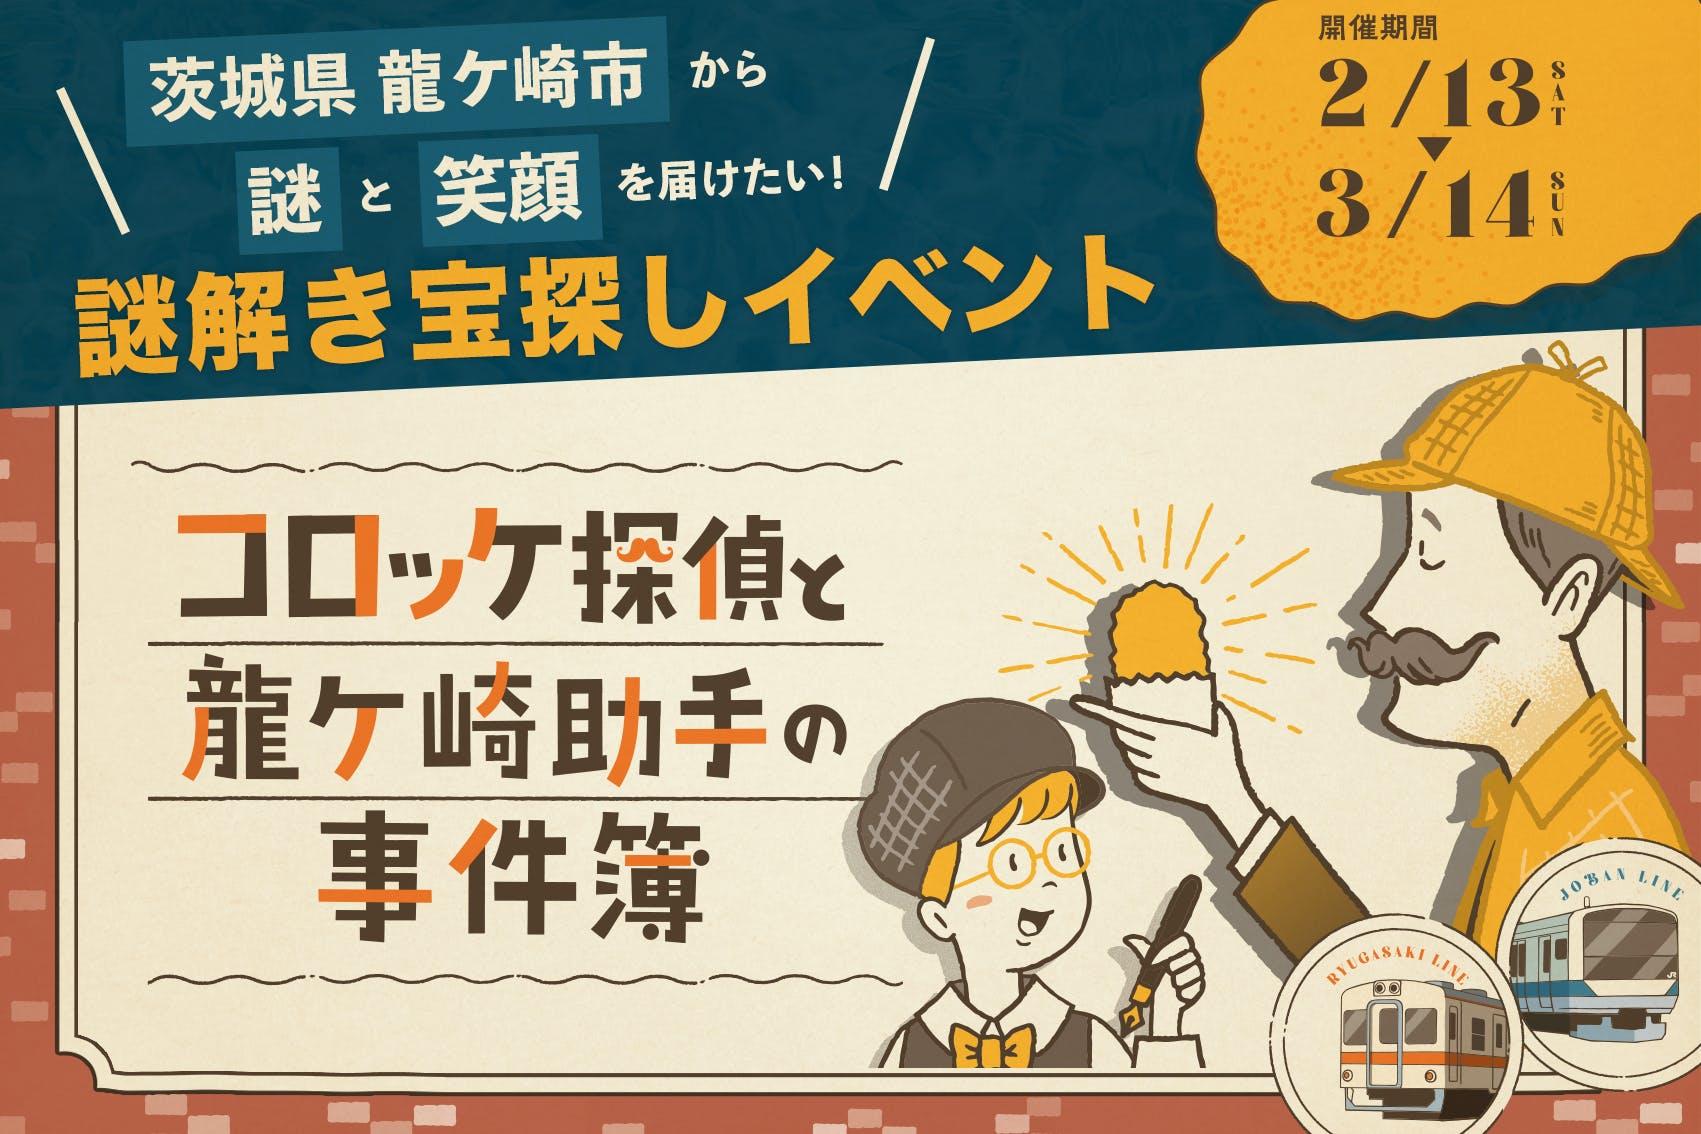 謎解きイベント「コロッケ探偵と龍ケ崎助手の事件簿」